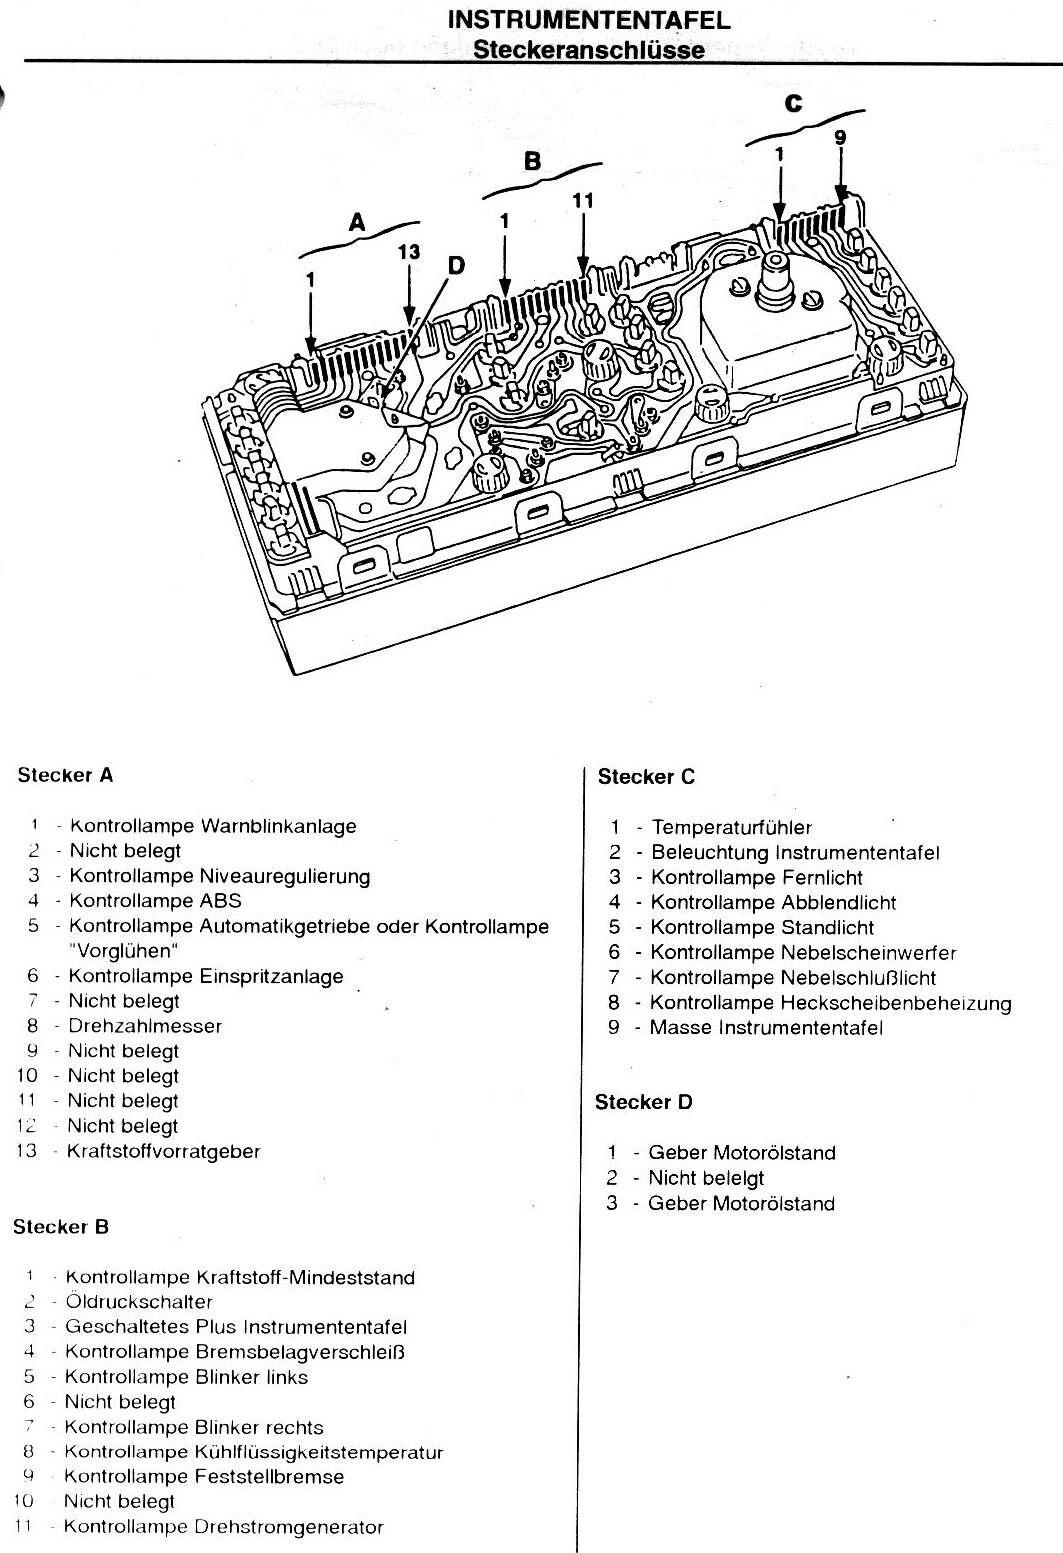 Ziemlich Gm 7 Stecker Schaltplan Zeitgenössisch - Der Schaltplan ...